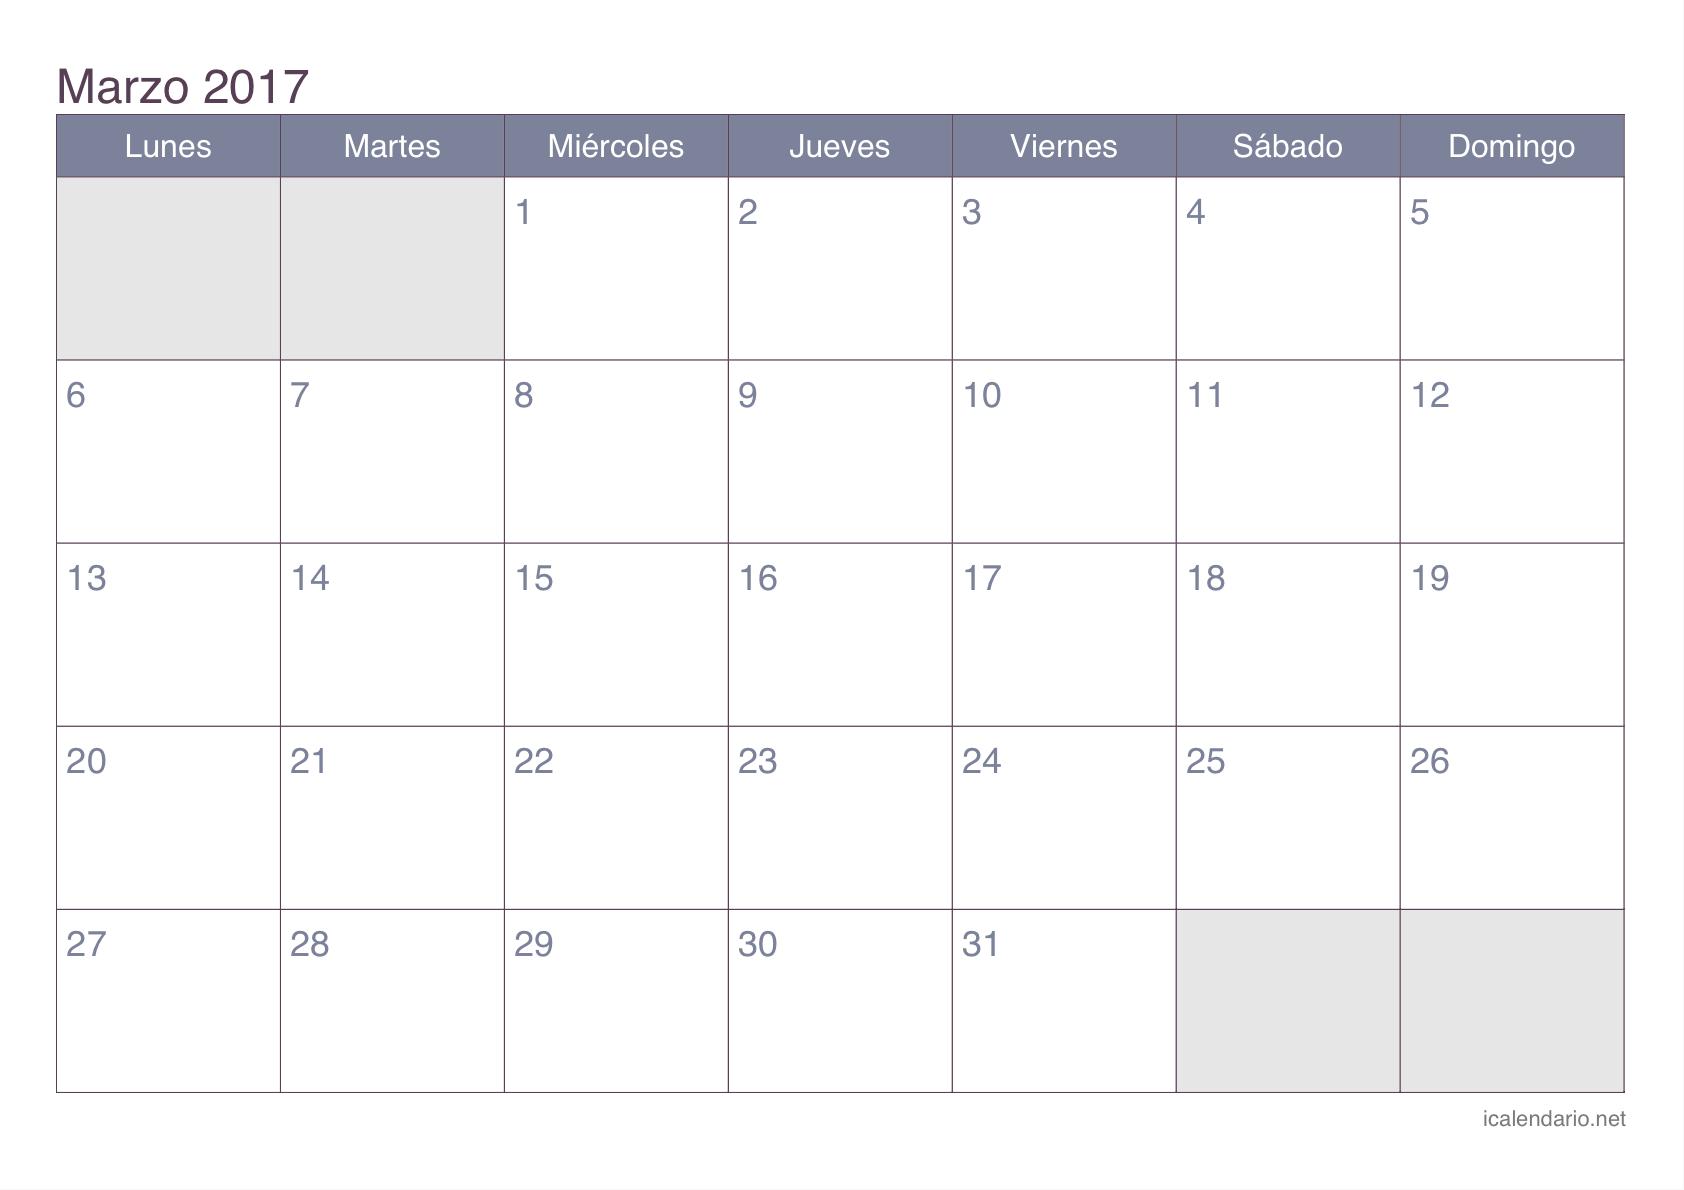 Calendario de marzo 2017 - office | calendario | Pinterest ...